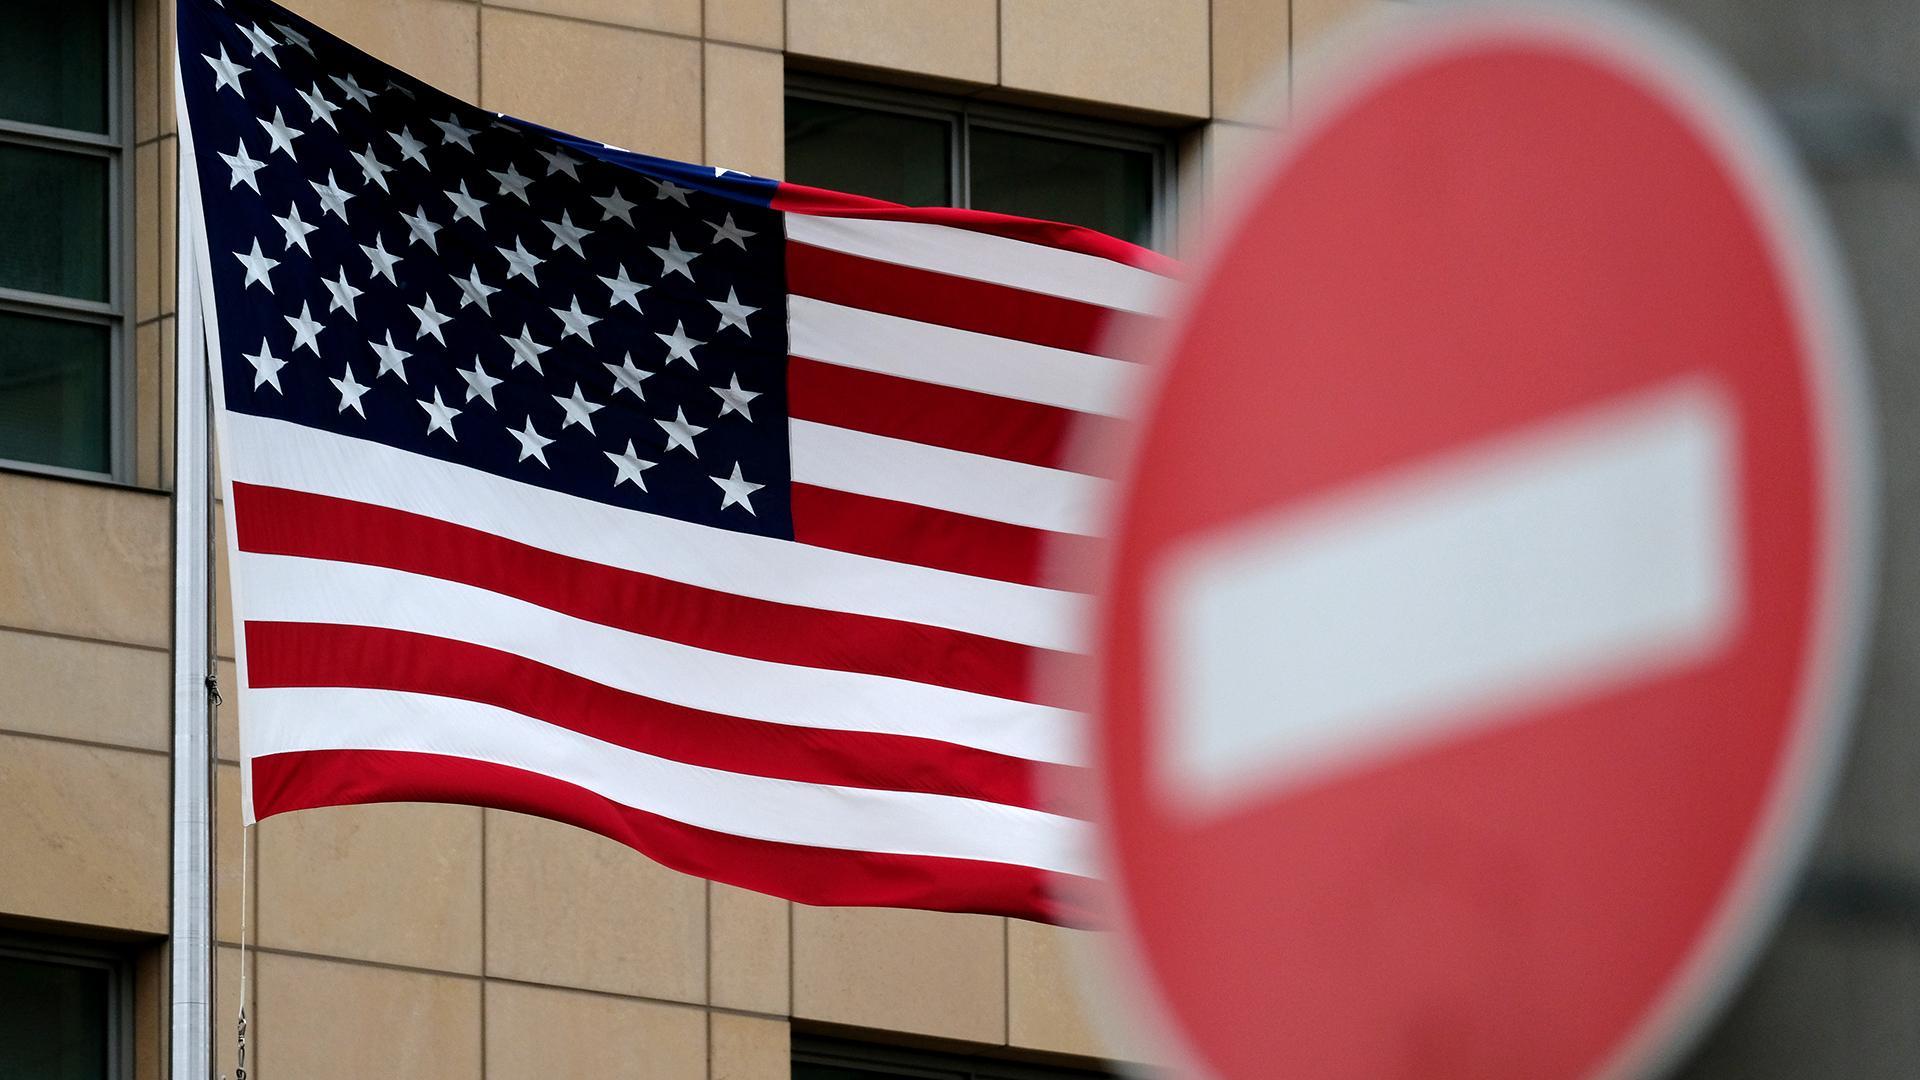 Москва: Нове санкције САД су бескорисне и имаће имати позитиван ефекат на рад руских компанија